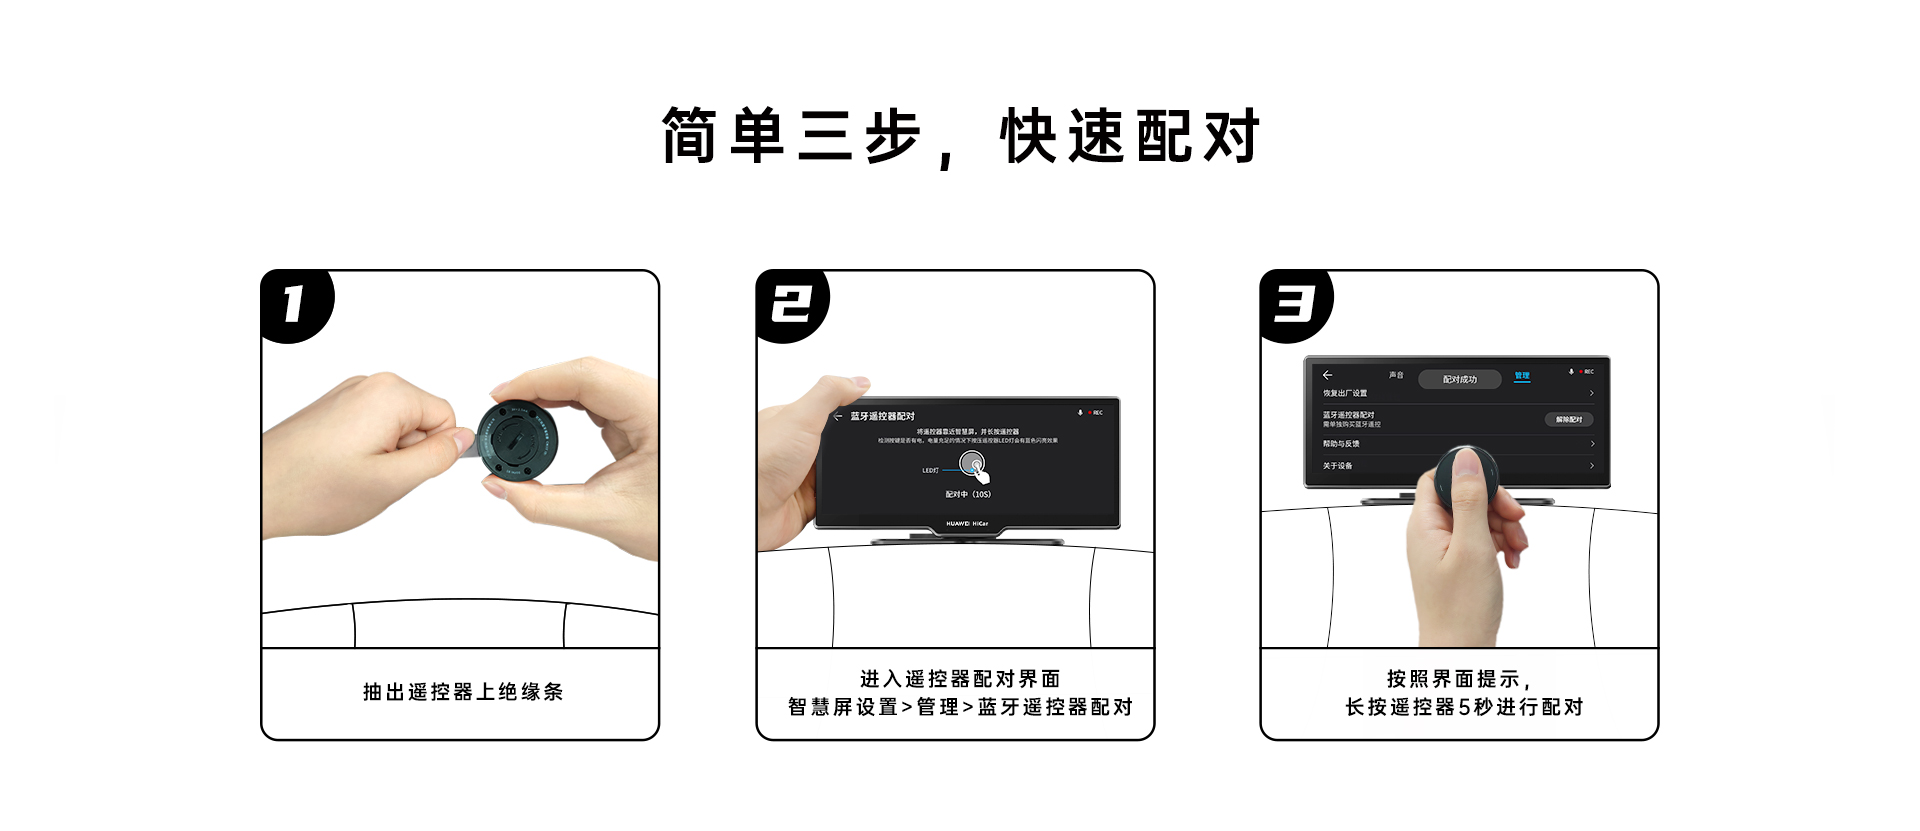 车载智慧屏专用蓝牙遥控器-06.jpg